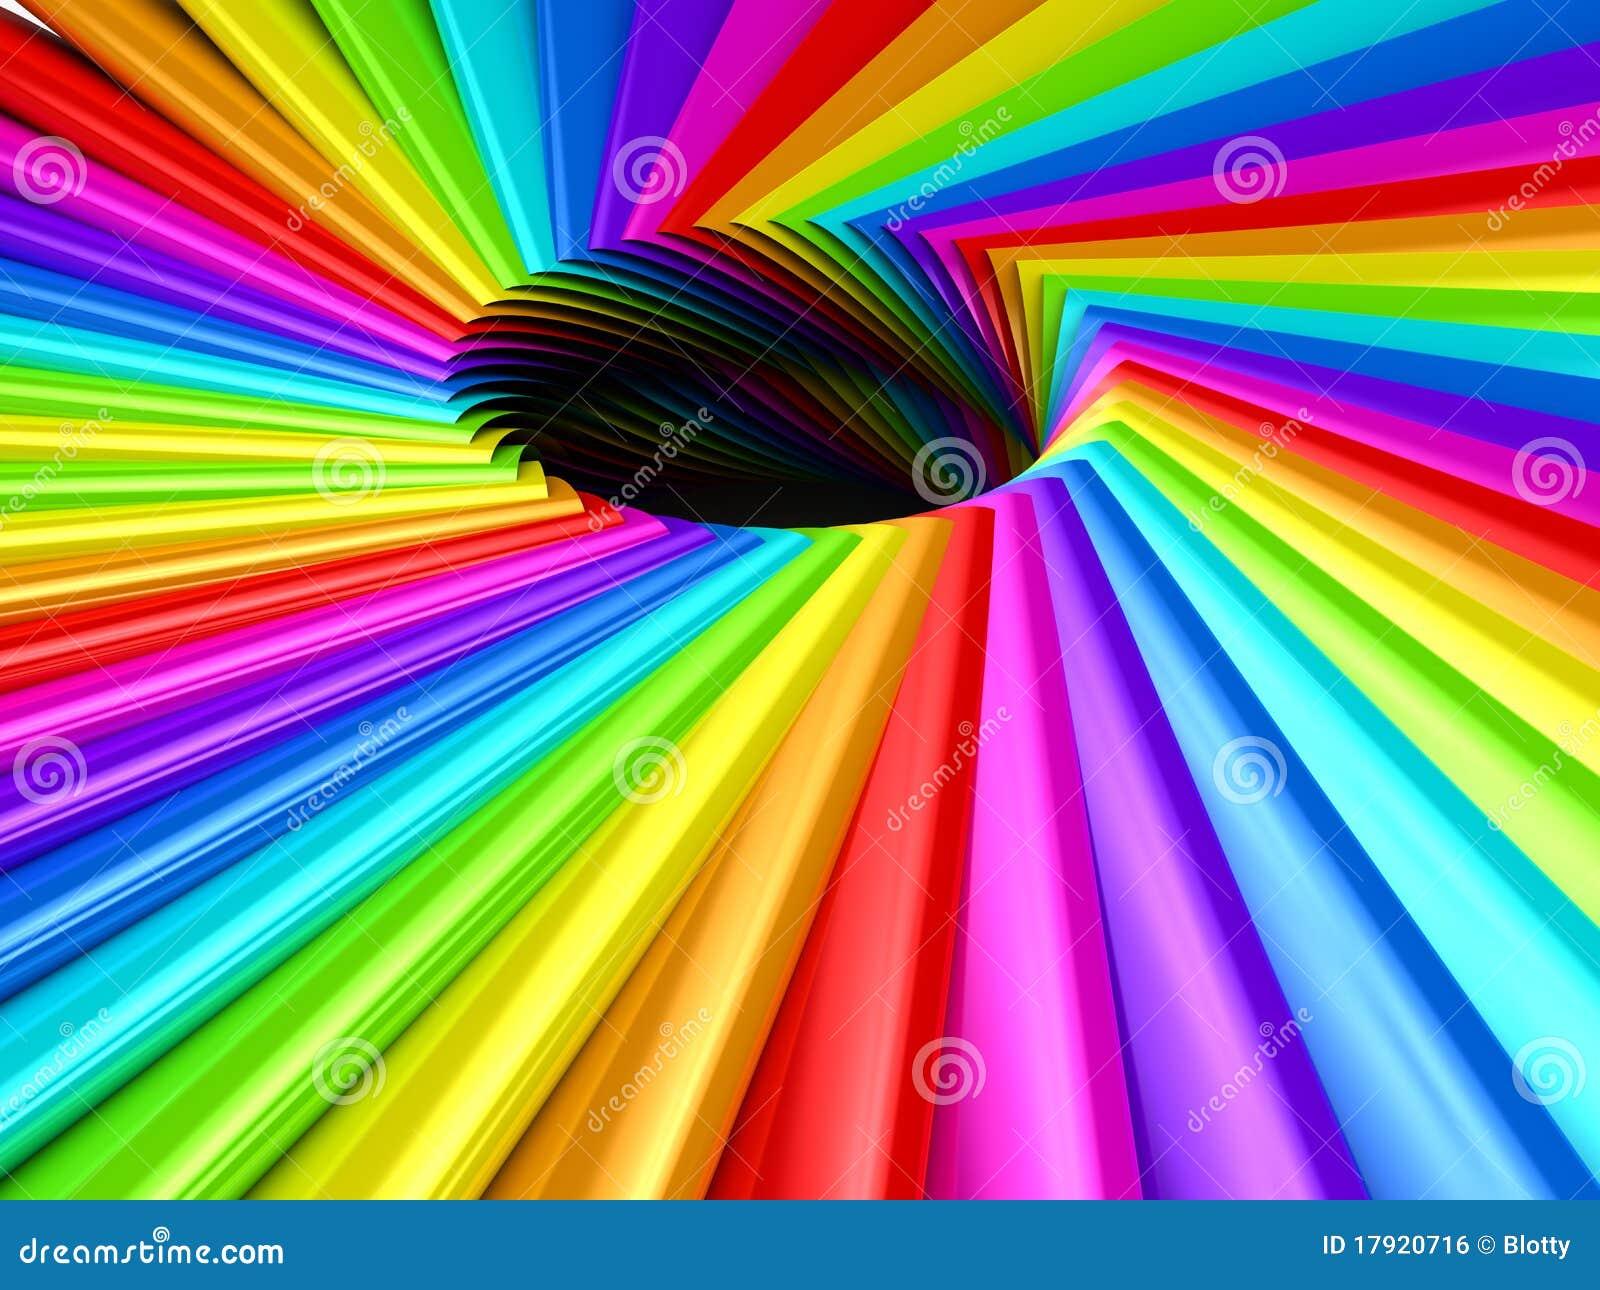 Gama de colores de color sobre fondo - Nuancier de blanc ...